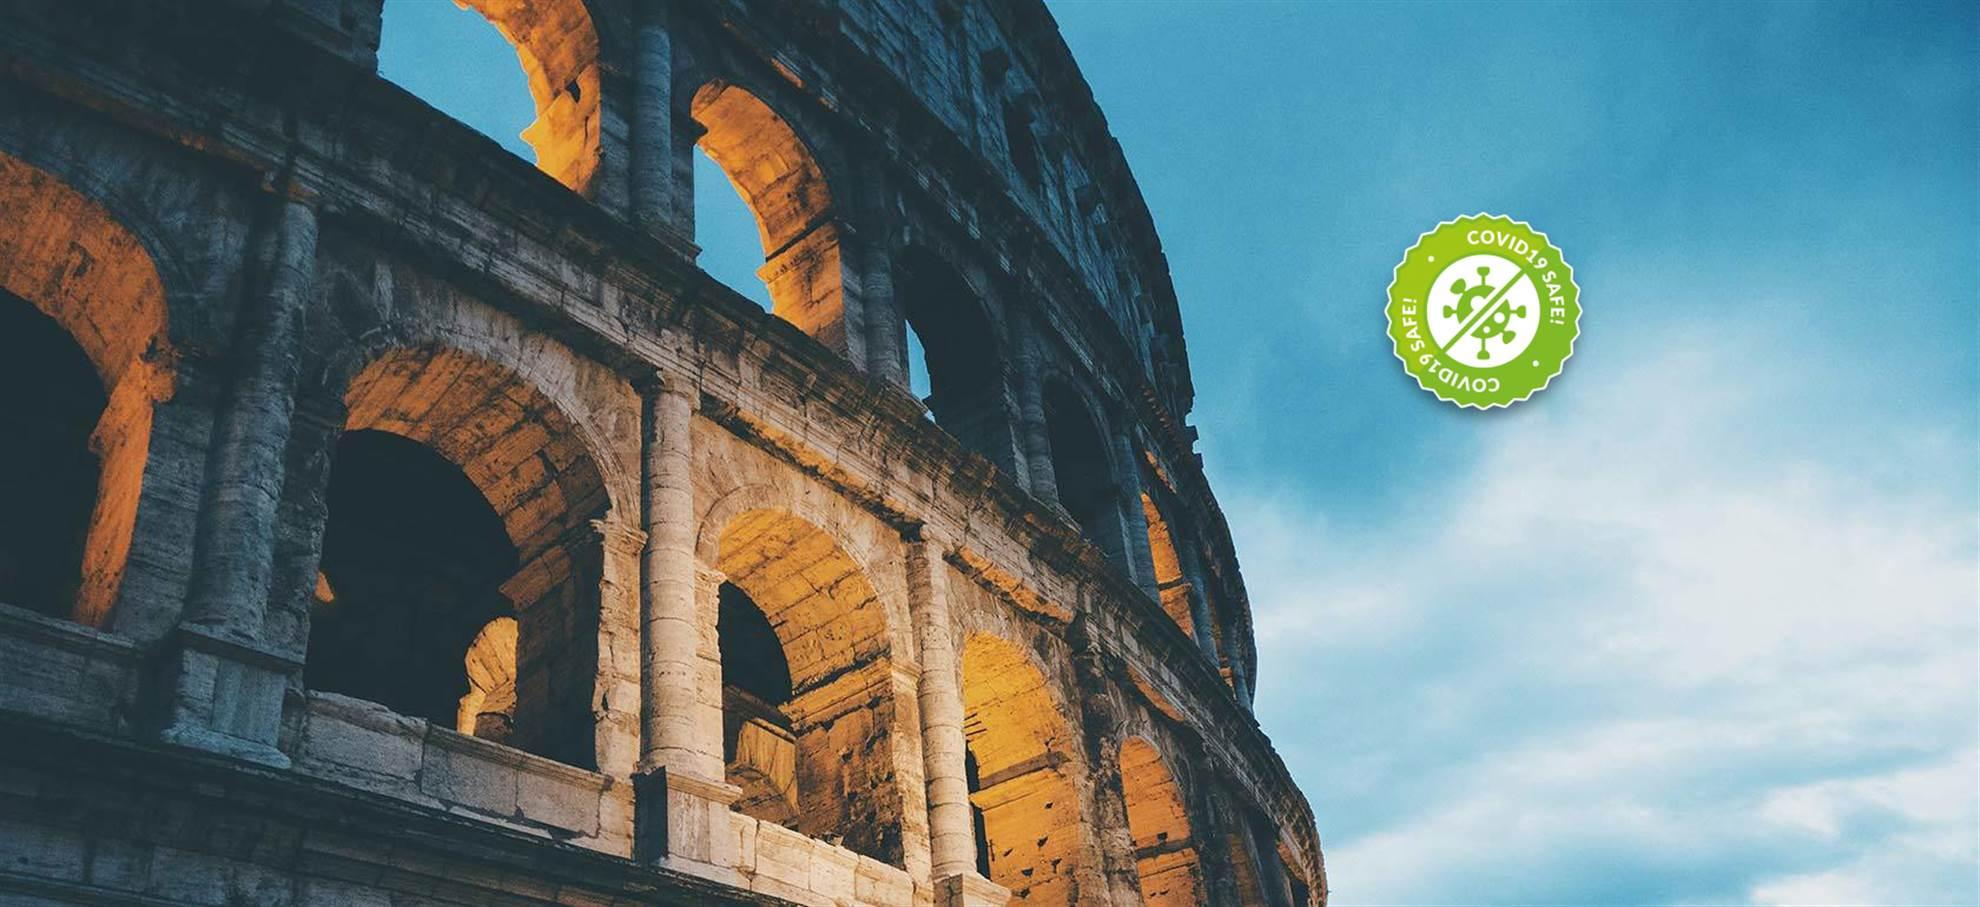 Wycieczka do Koloseum z przewodnikiem wideo i szybkim wejściem